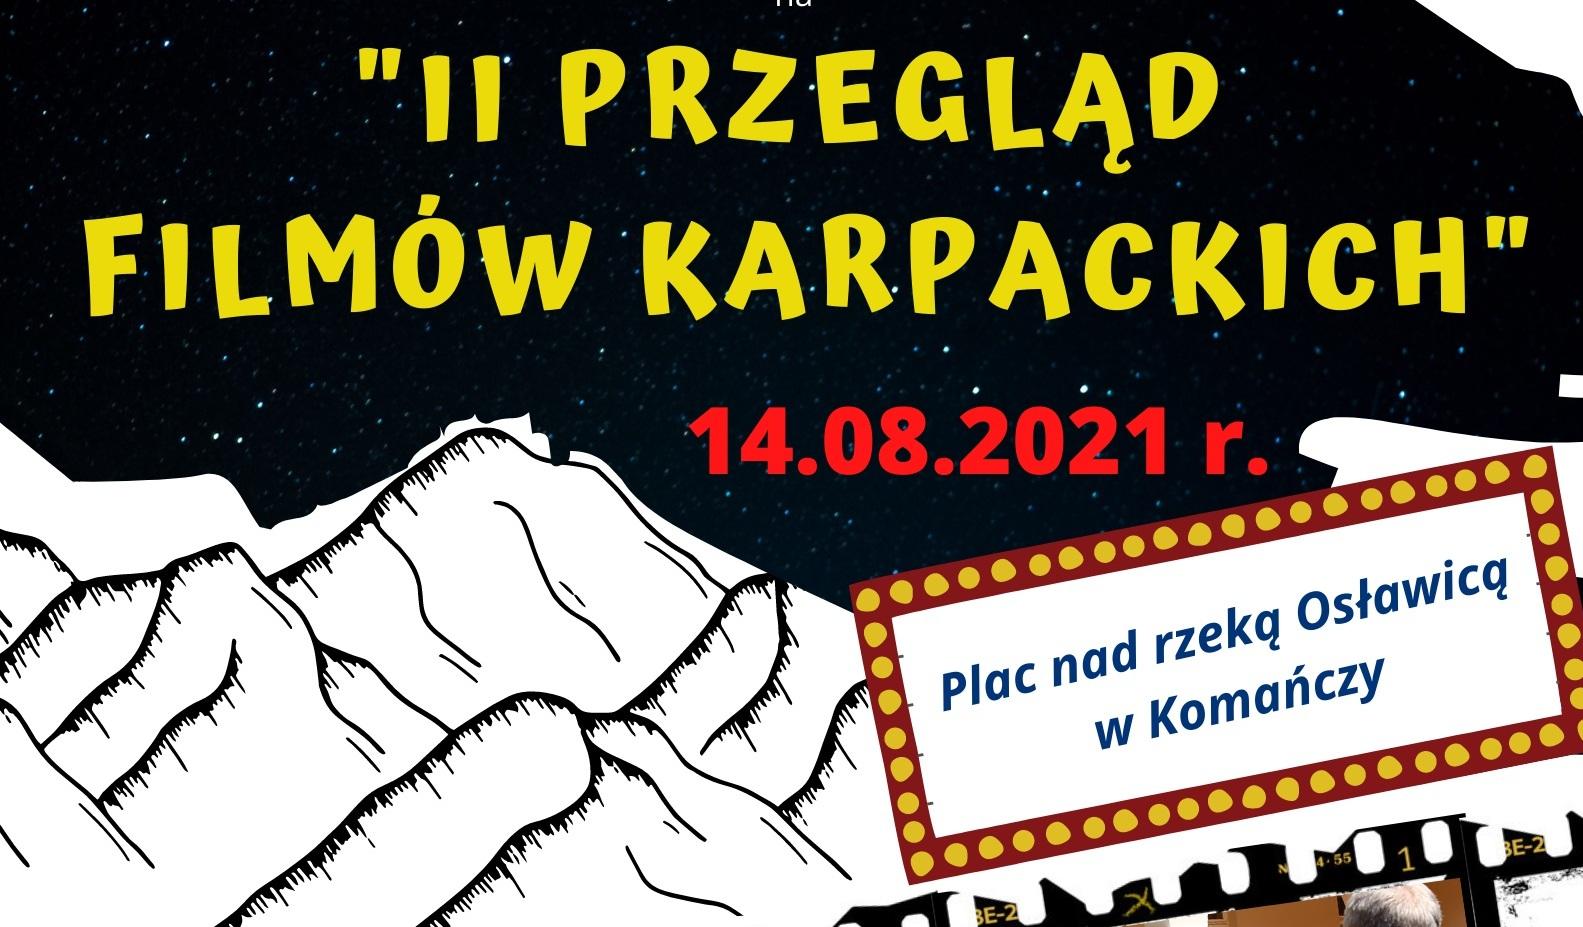 II Przegląd Filmów Karpackich w Komańczy - Zdjęcie główne